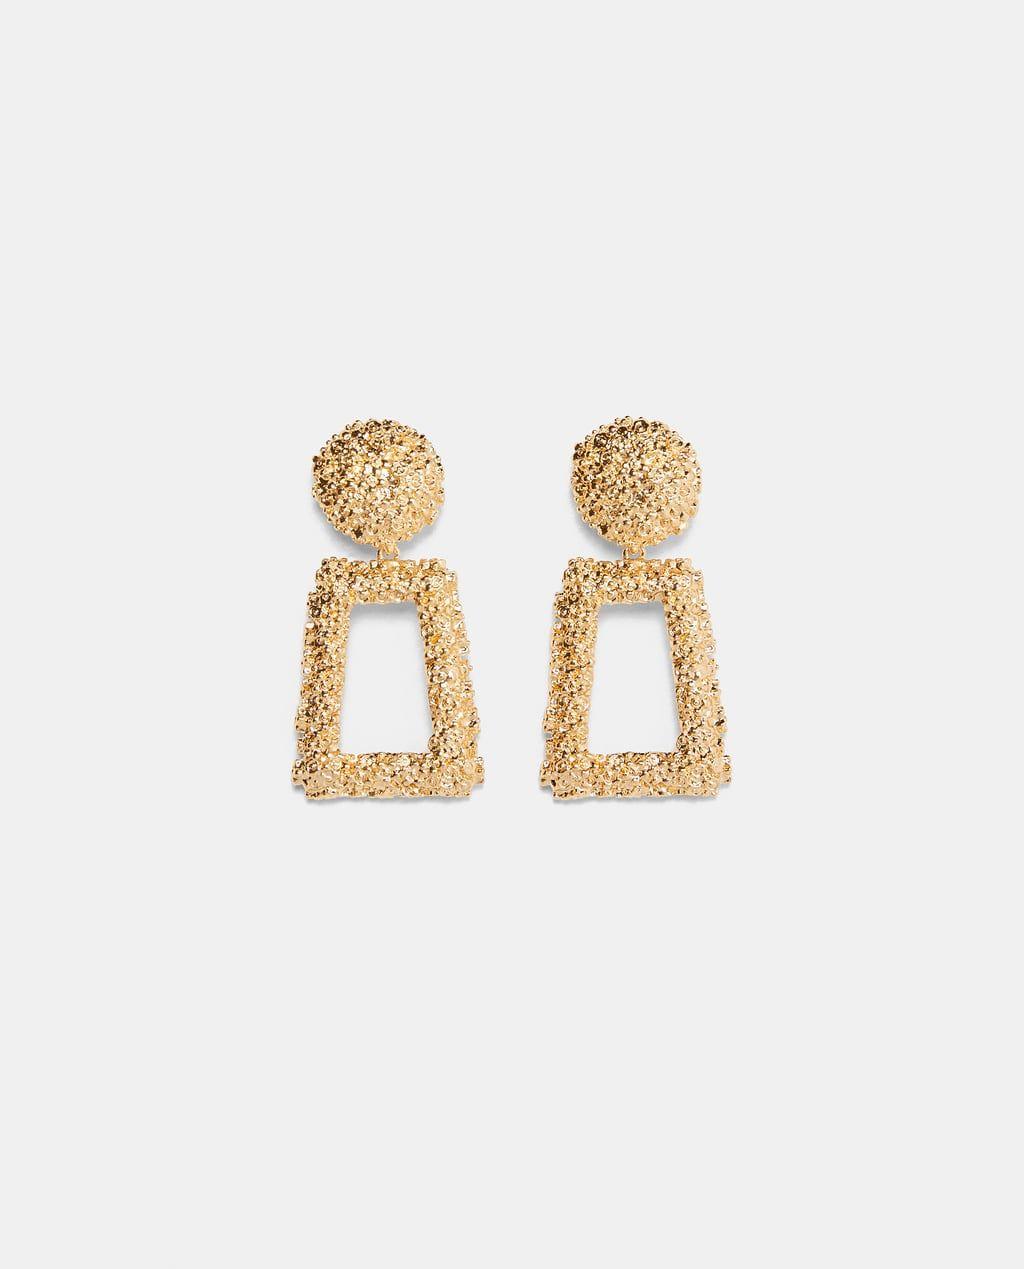 b88757162 Texture earrings in 2019 | Zara F/W 18 | Earrings, Zara gold ...